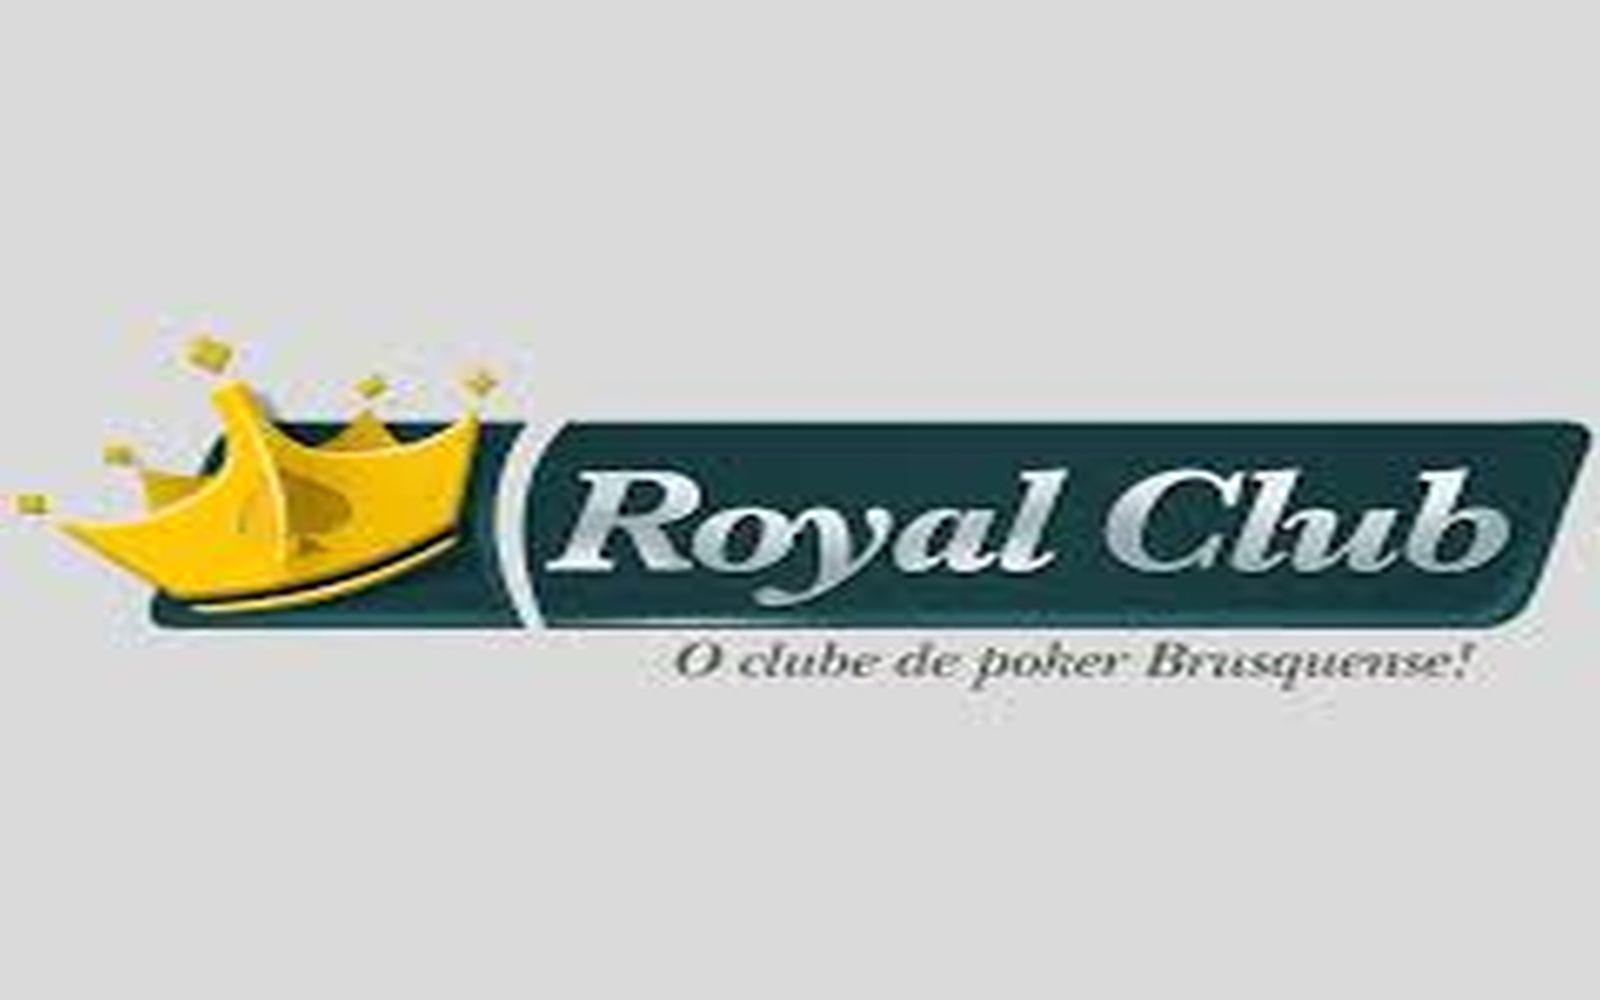 Royal Club Poker